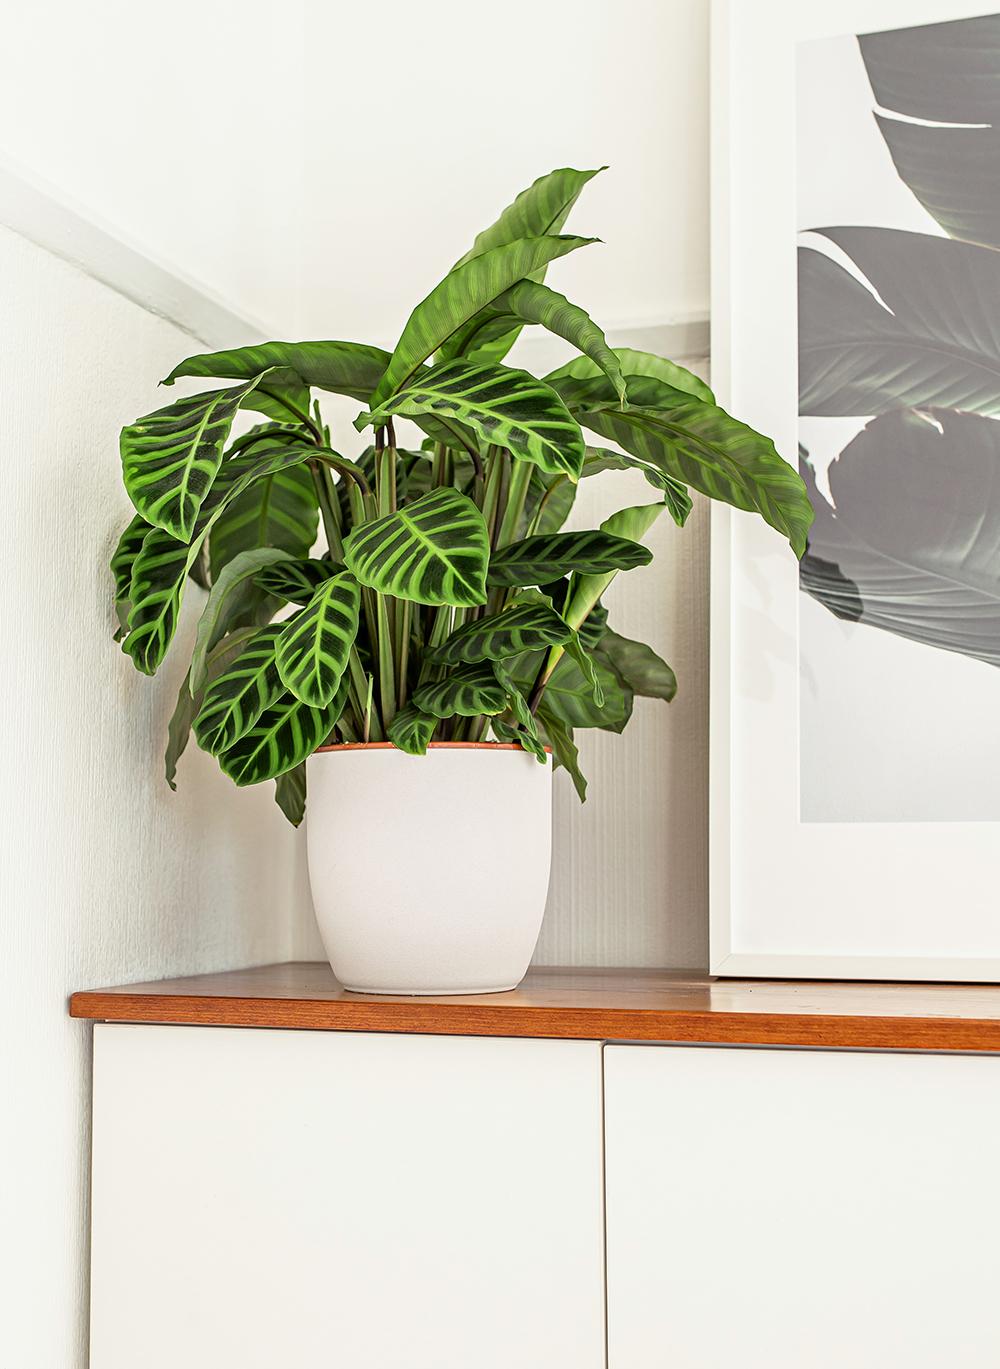 Zebra-Plant-Calathea-Zebrina-kelseyinlondon-homewithkelsey-plant-guide-best-indoor-plants